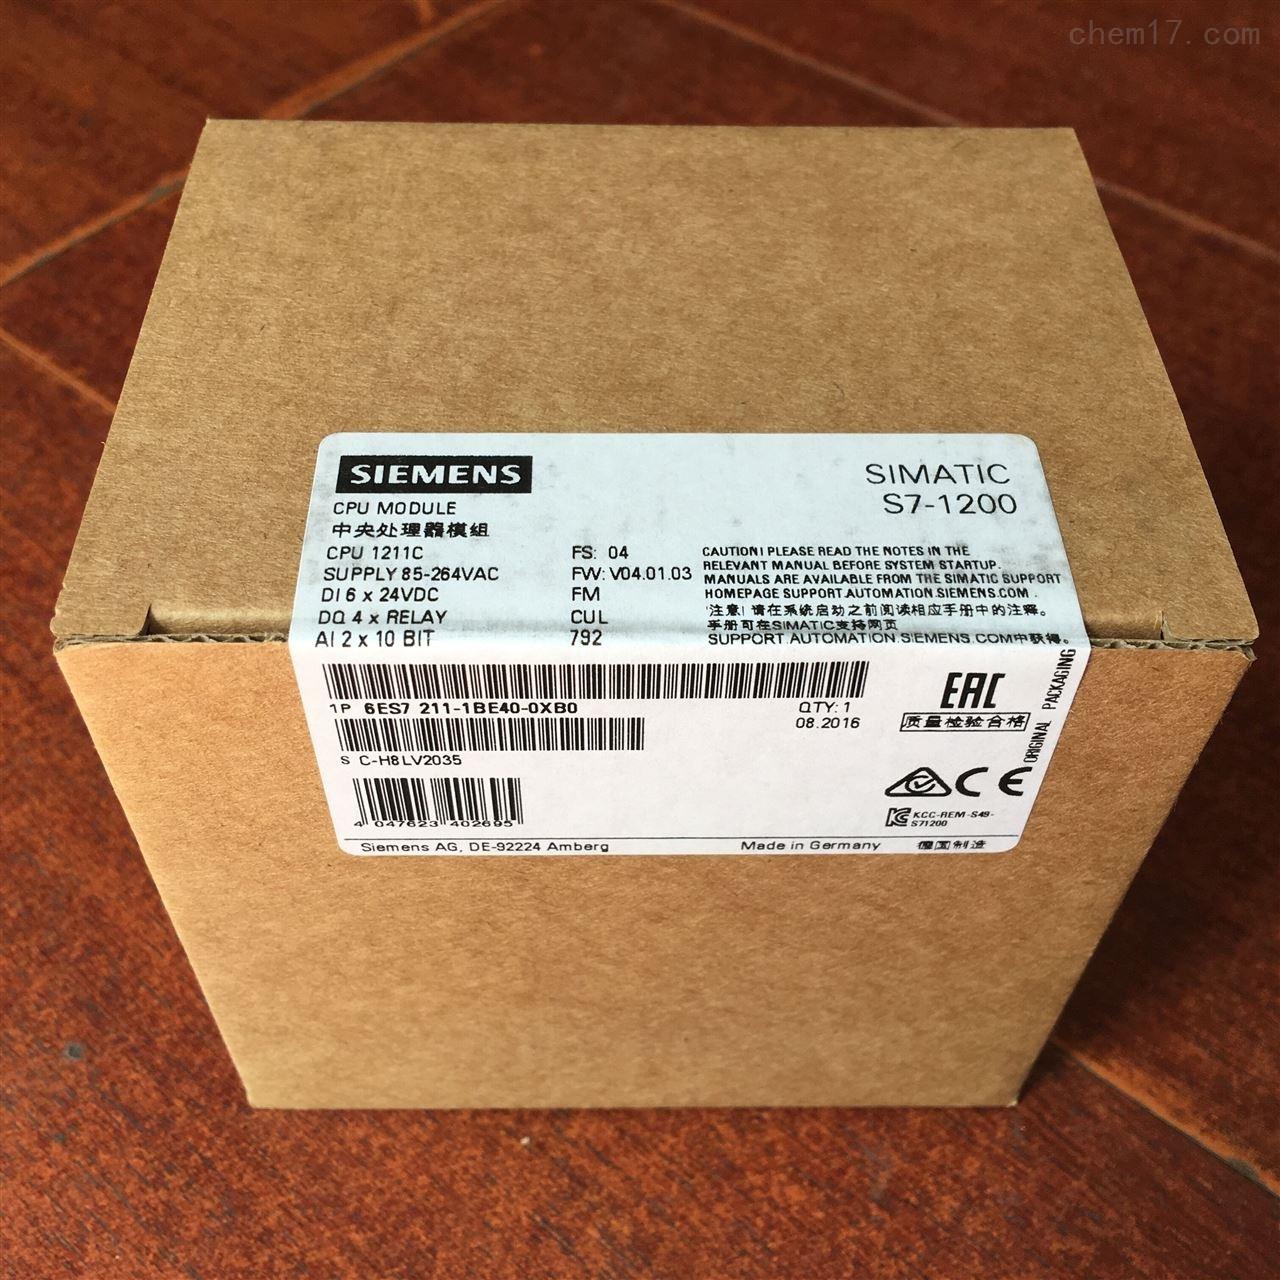 三峡门西门子S7-1200CPU模块代理商